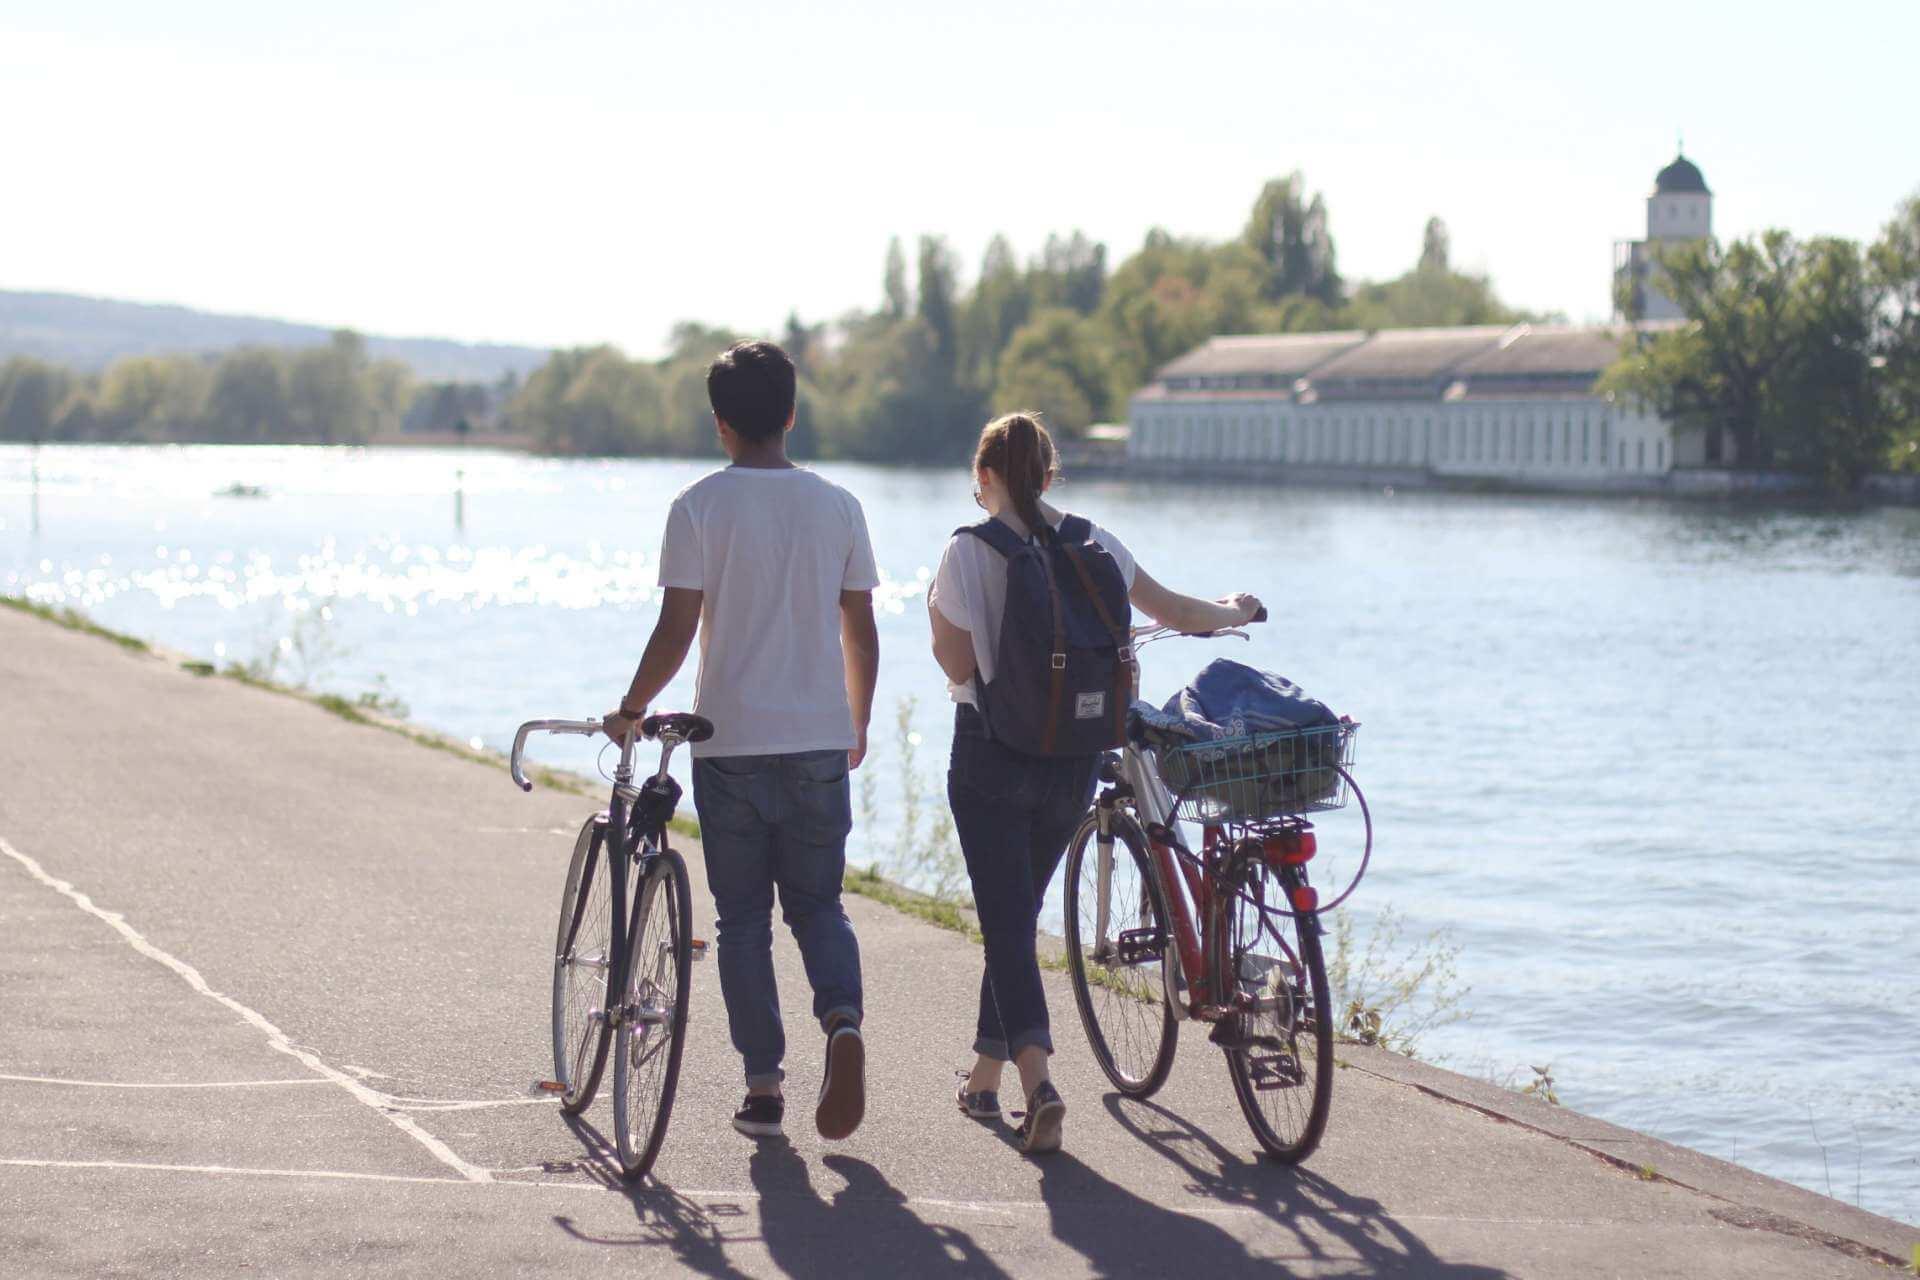 Freundin überraschen mit Ausflug Fahrradtour